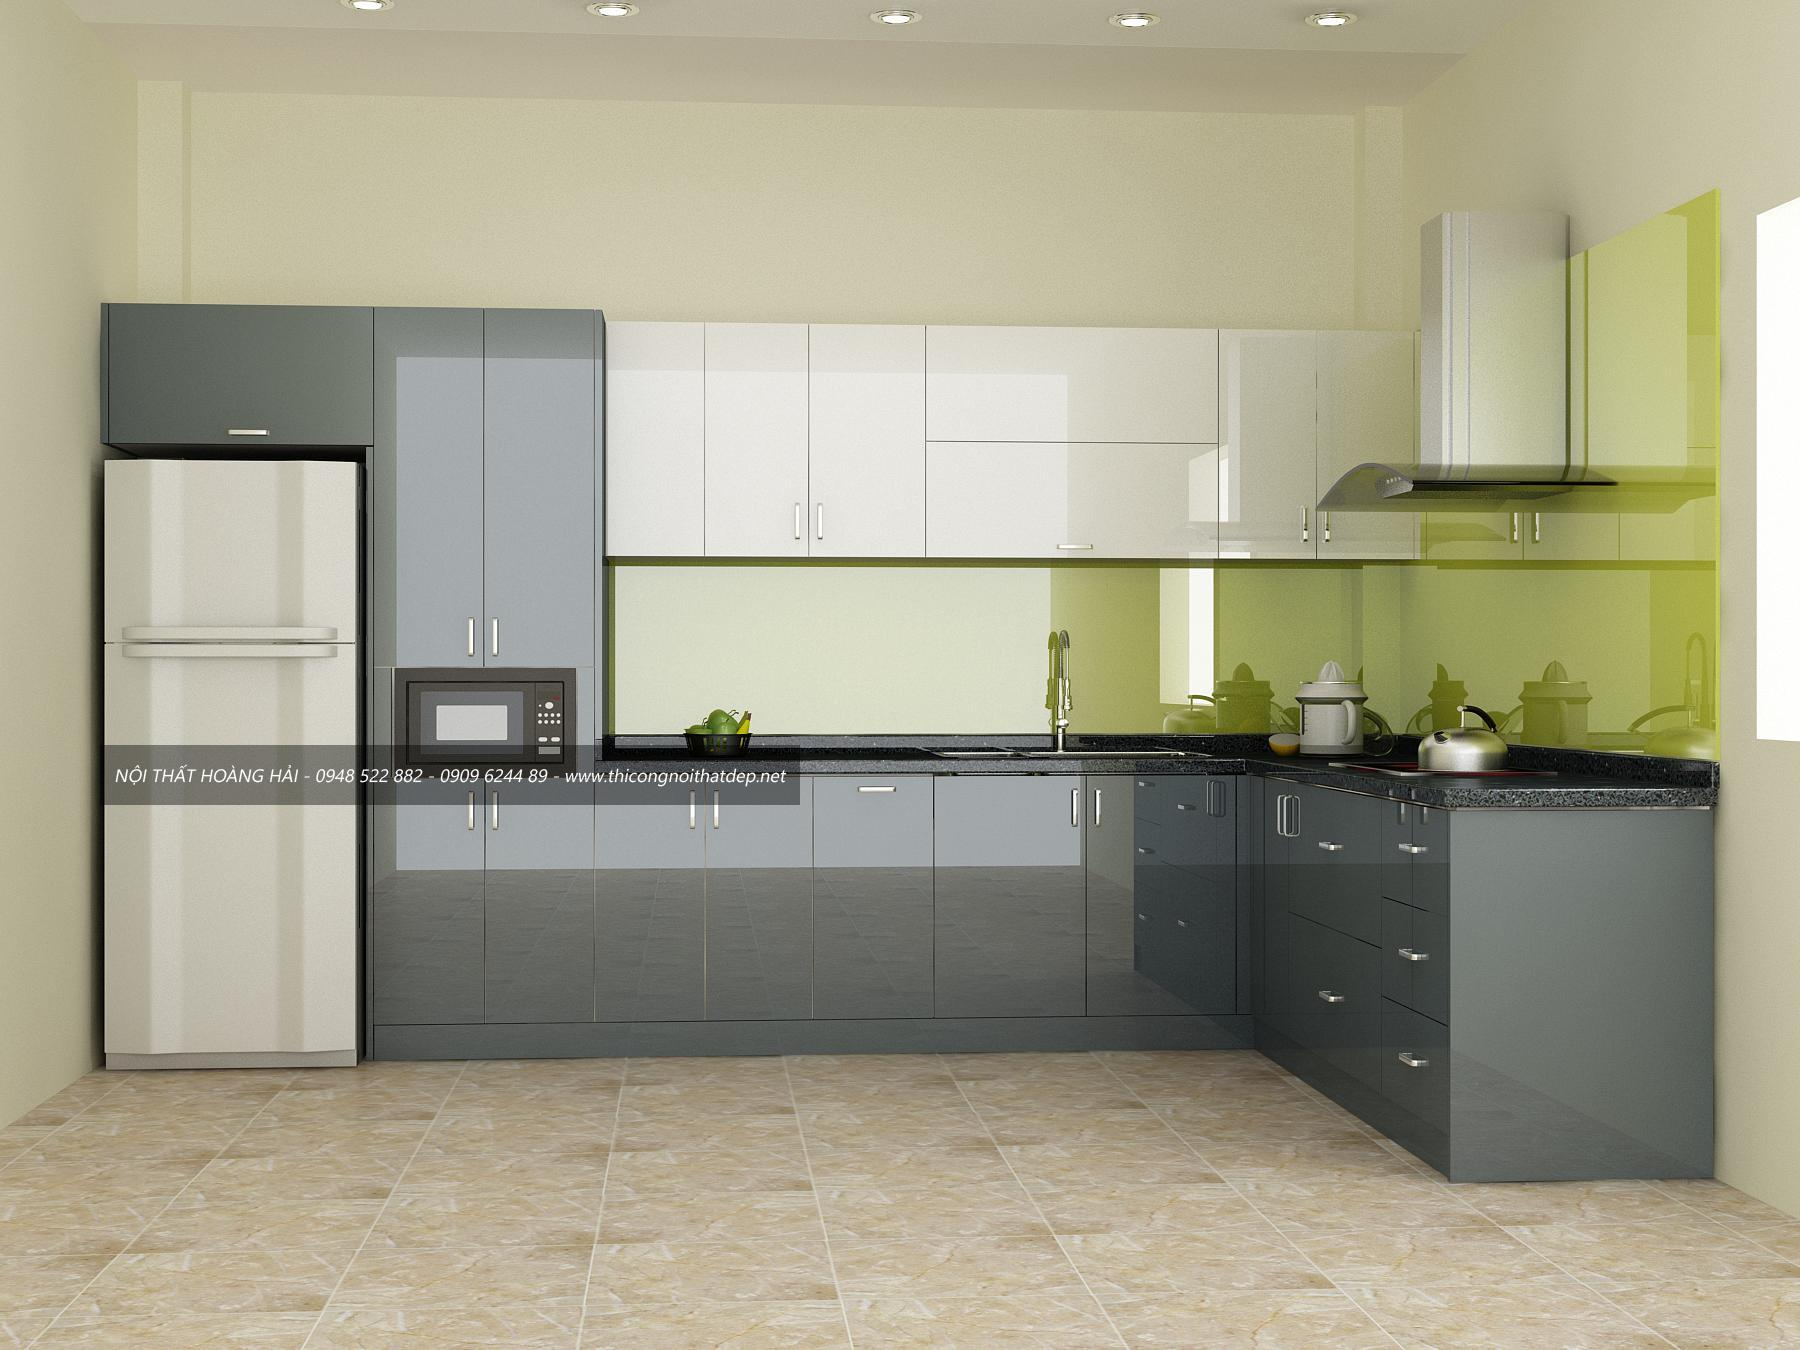 Bí quyết giúp bạn nhận diện tủ bếp Acrylic chất lượng